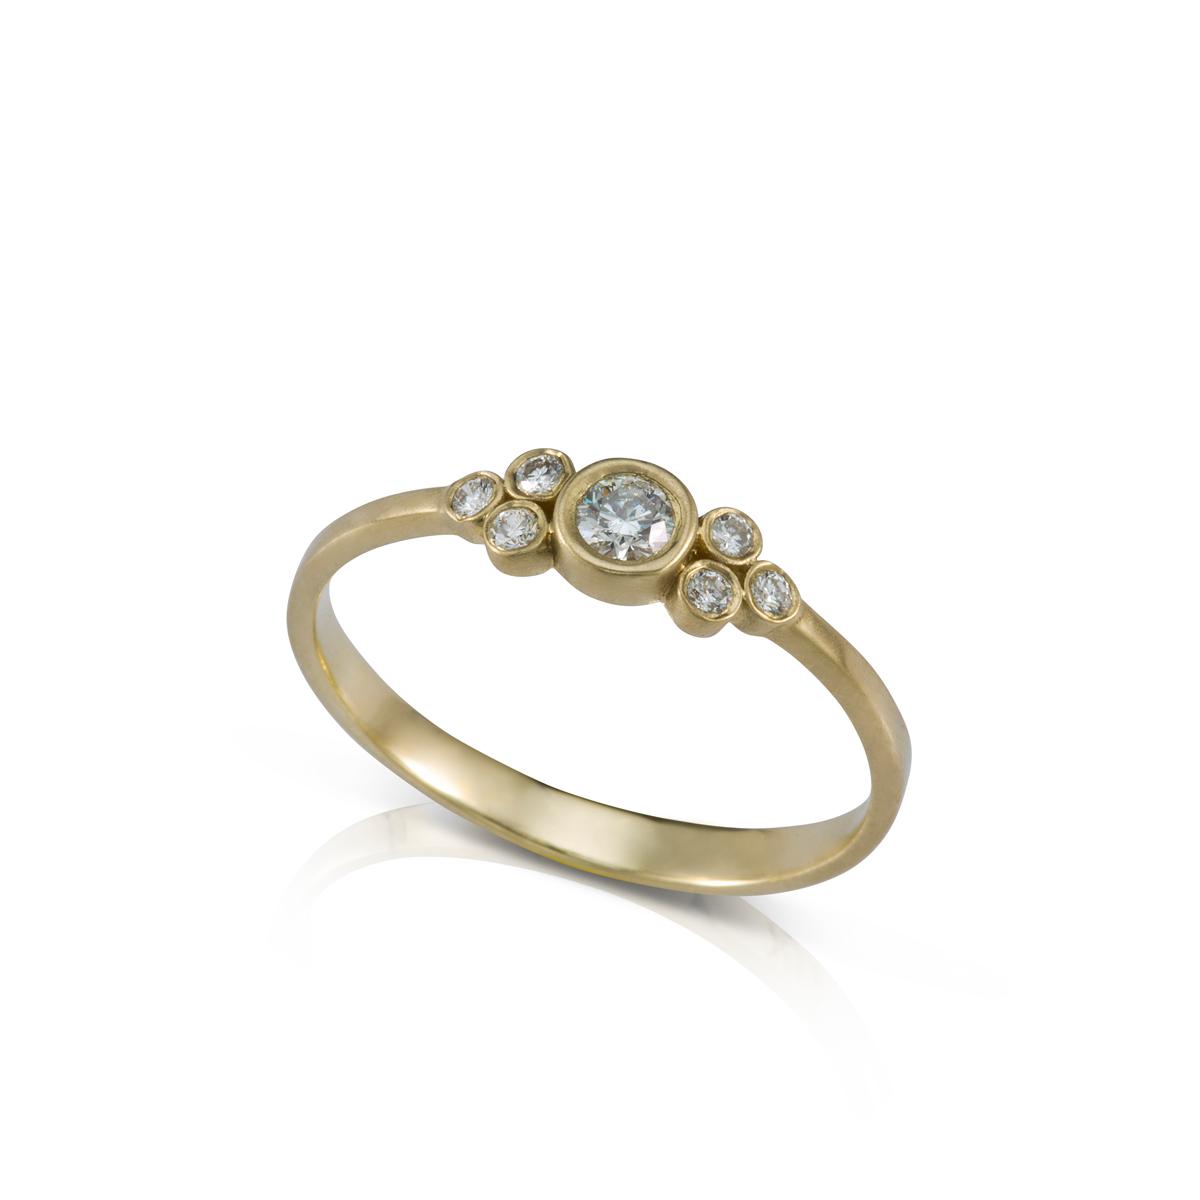 טבעת אירוסין משובצת יהלום מרכזי 0.10ct  ו 6 יהלומים צדדים